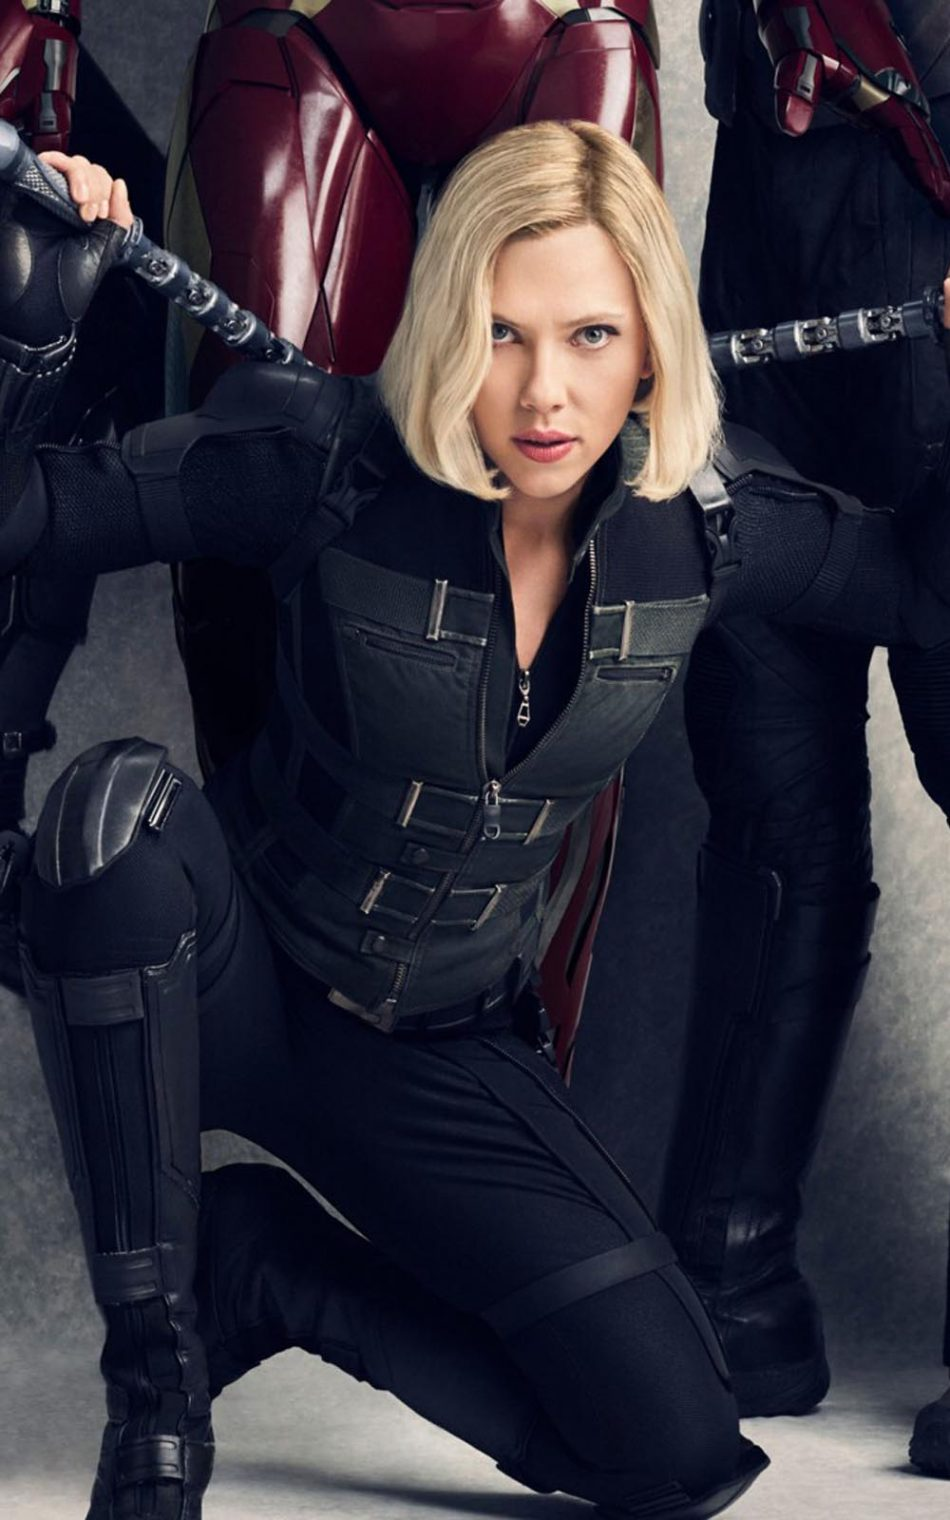 Scarlett Johansson In Avengers Infinity War HD Mobile Wallpaper